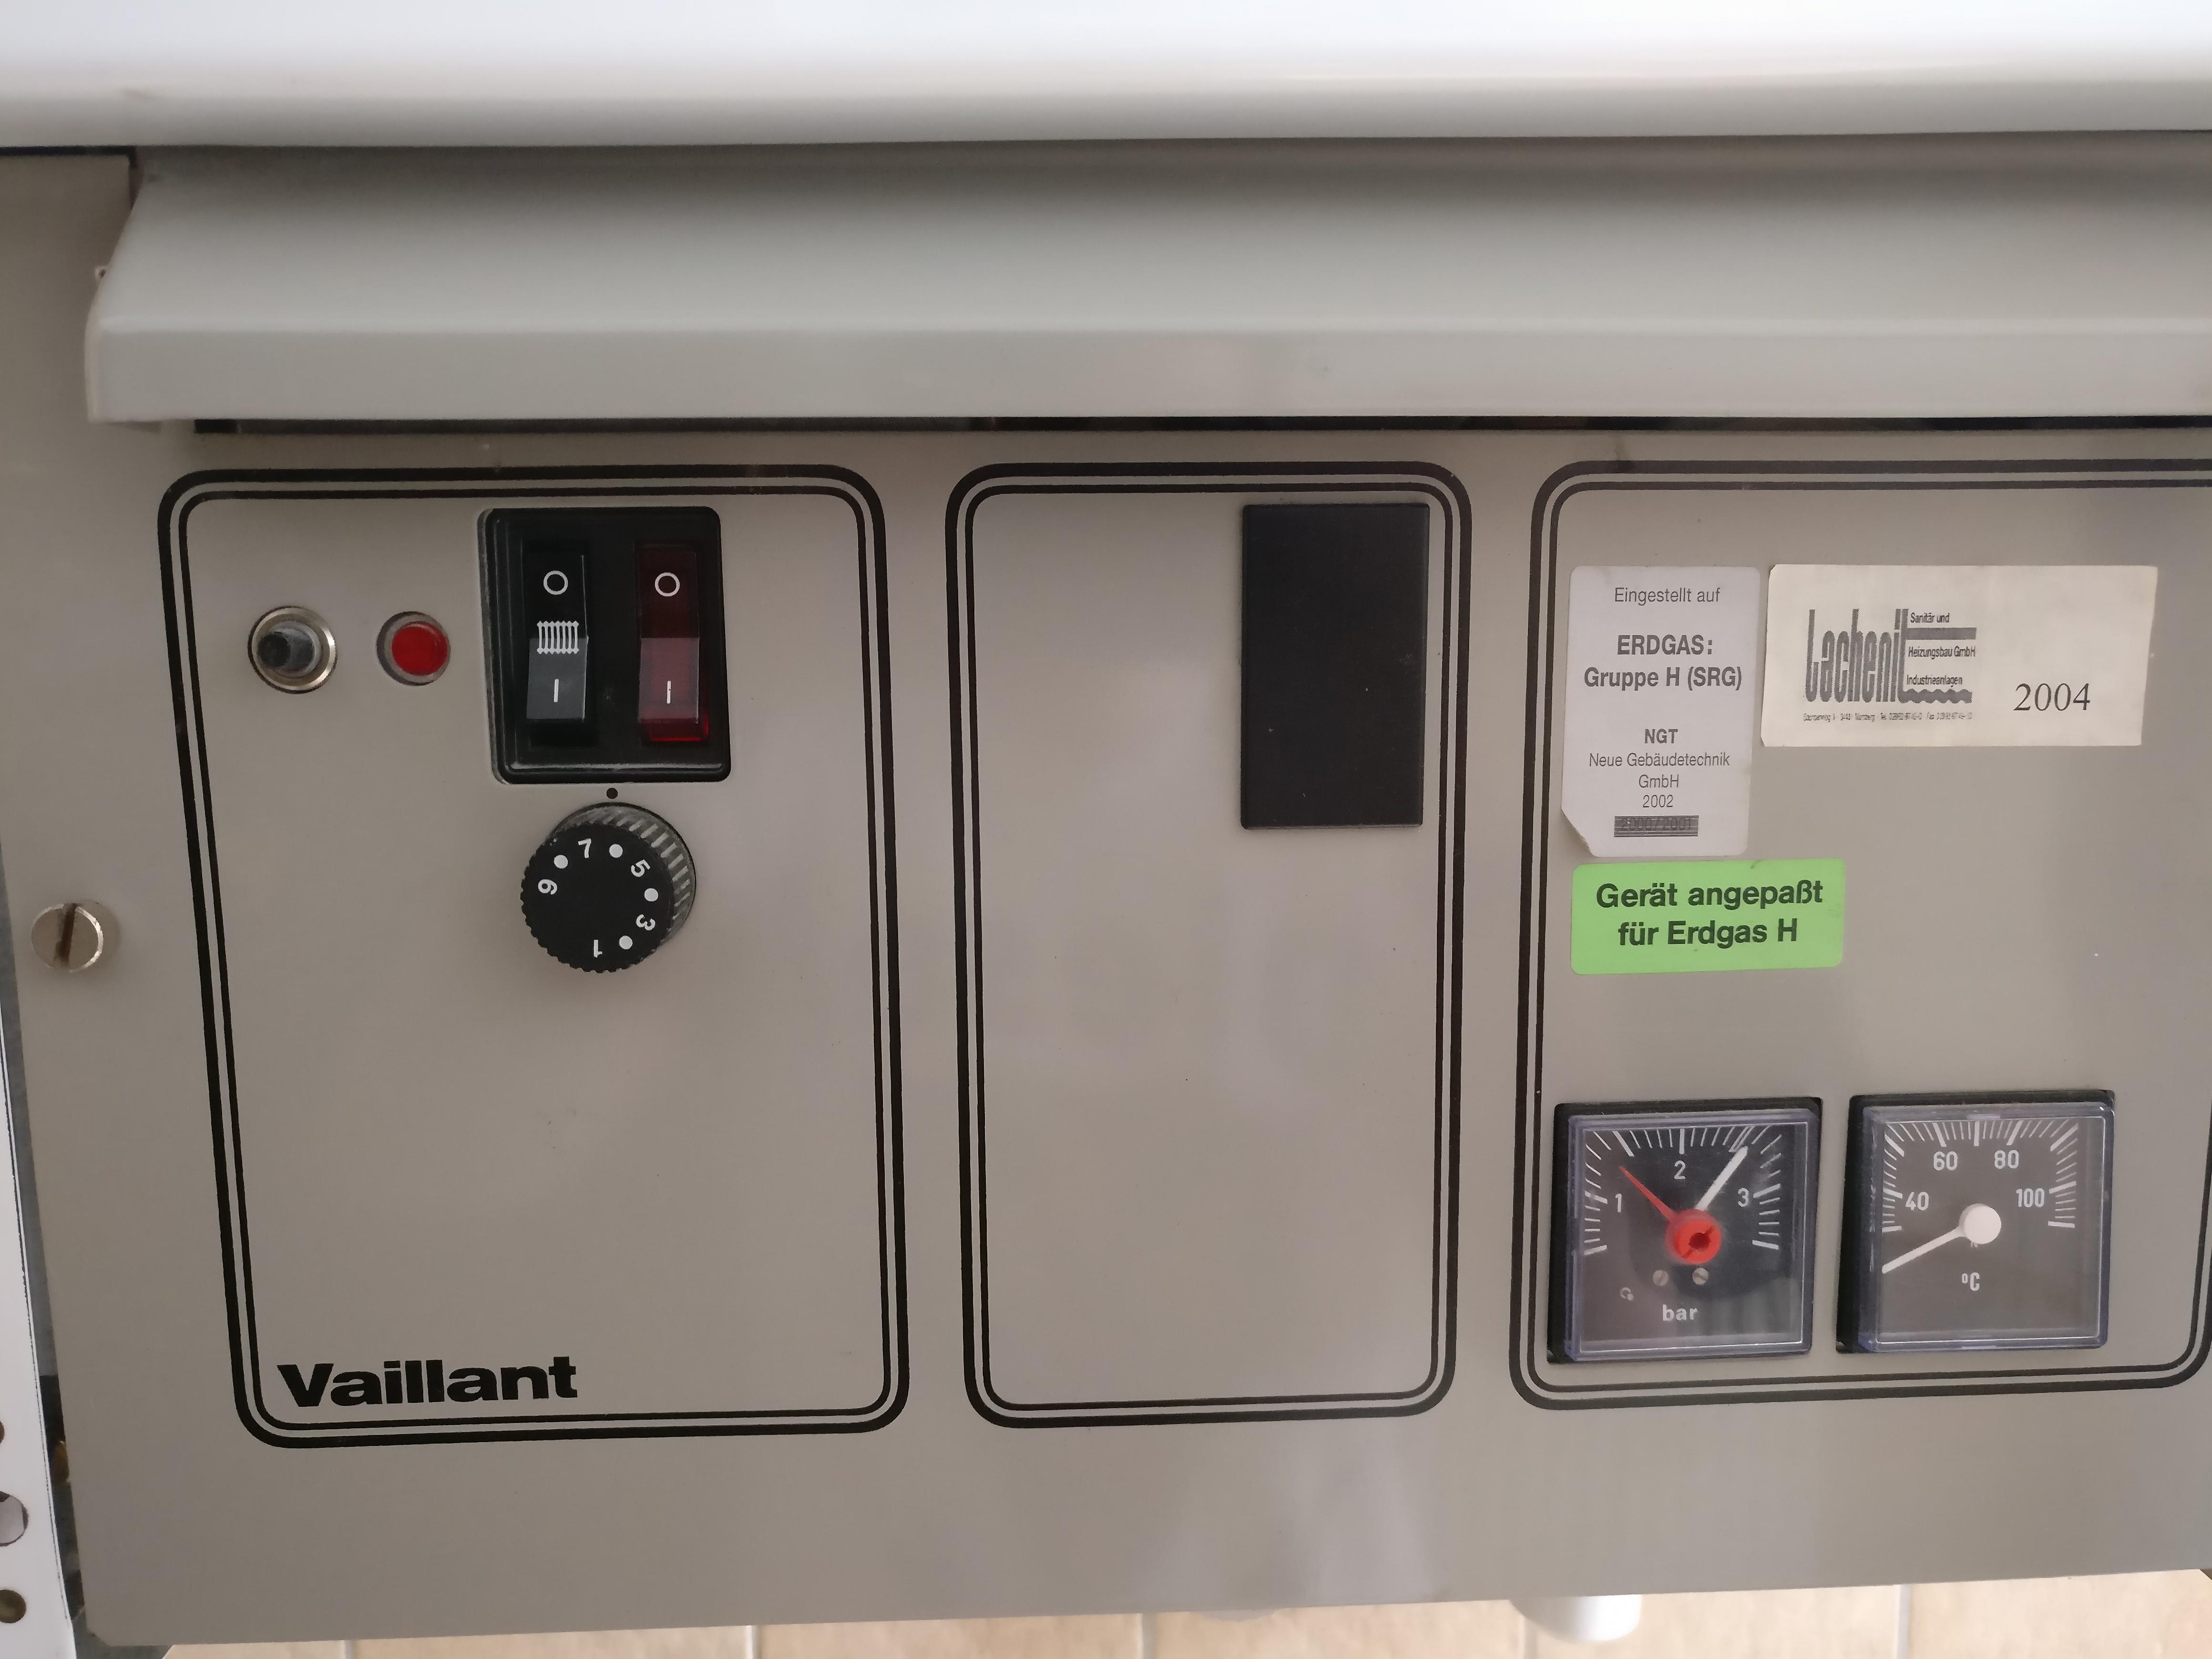 Vaillant Gastherme Störung : vaillant gastherme vcw 180 240 e wer weiss ~ Watch28wear.com Haus und Dekorationen